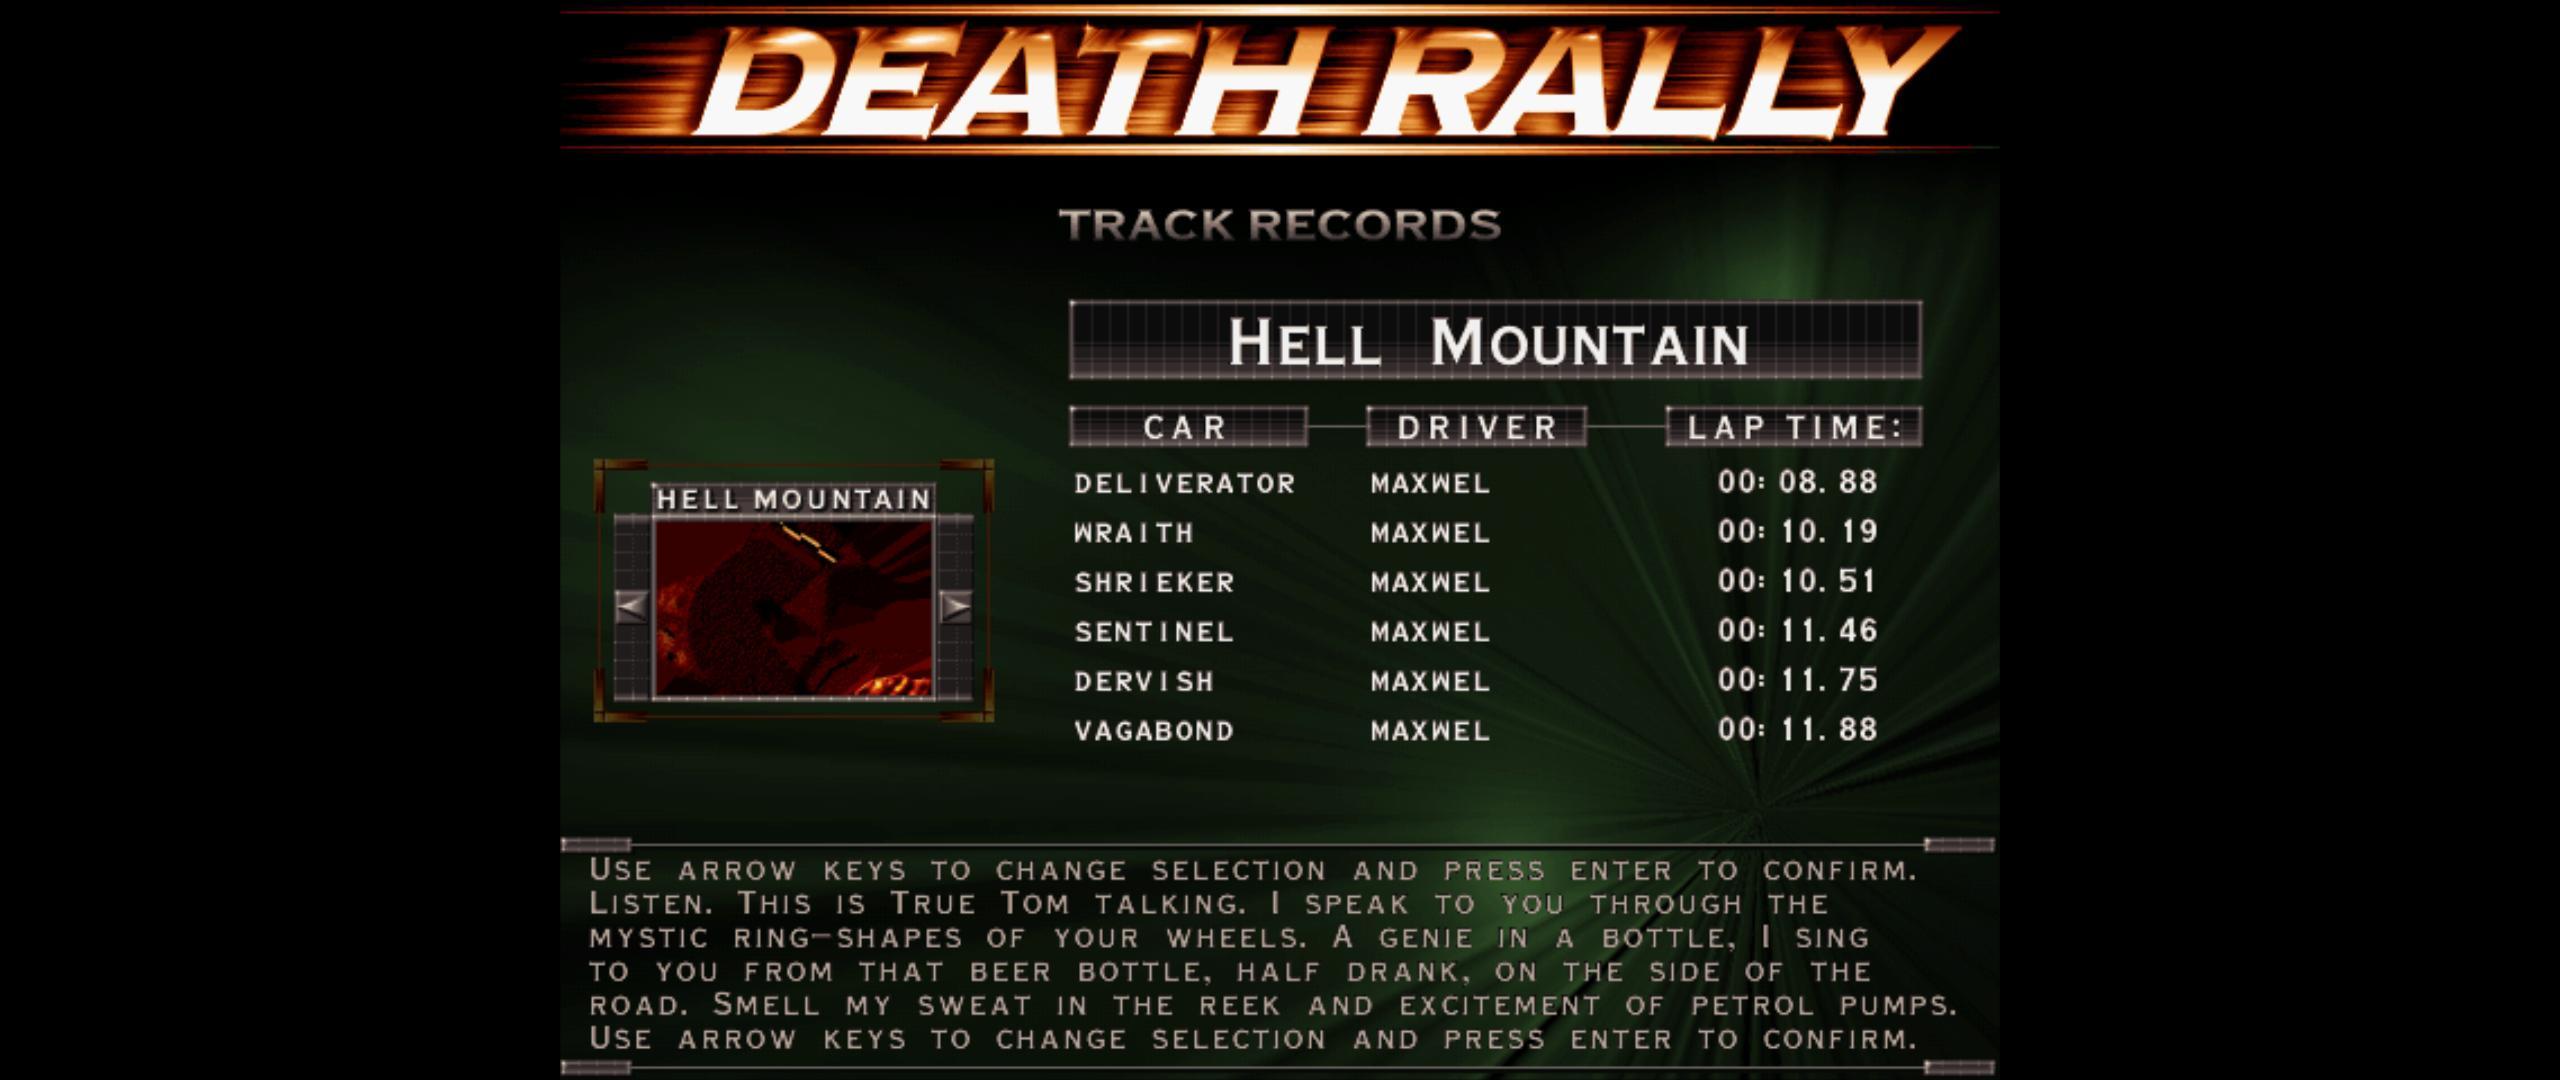 Maxwel: Death Rally [Hell Mountain, Wraith Car] (PC) 0:00:10.19 points on 2016-03-04 06:53:05